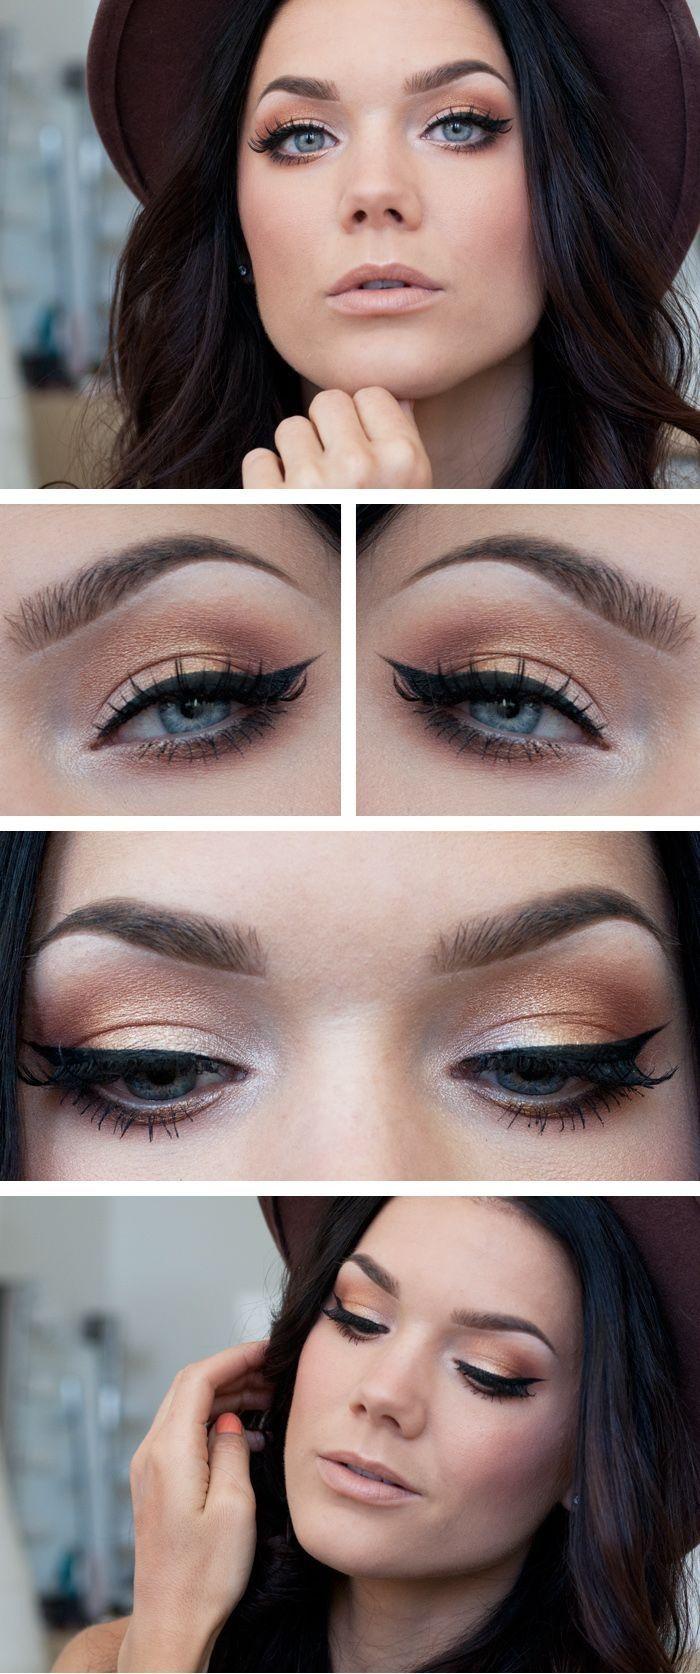 Good eyes!